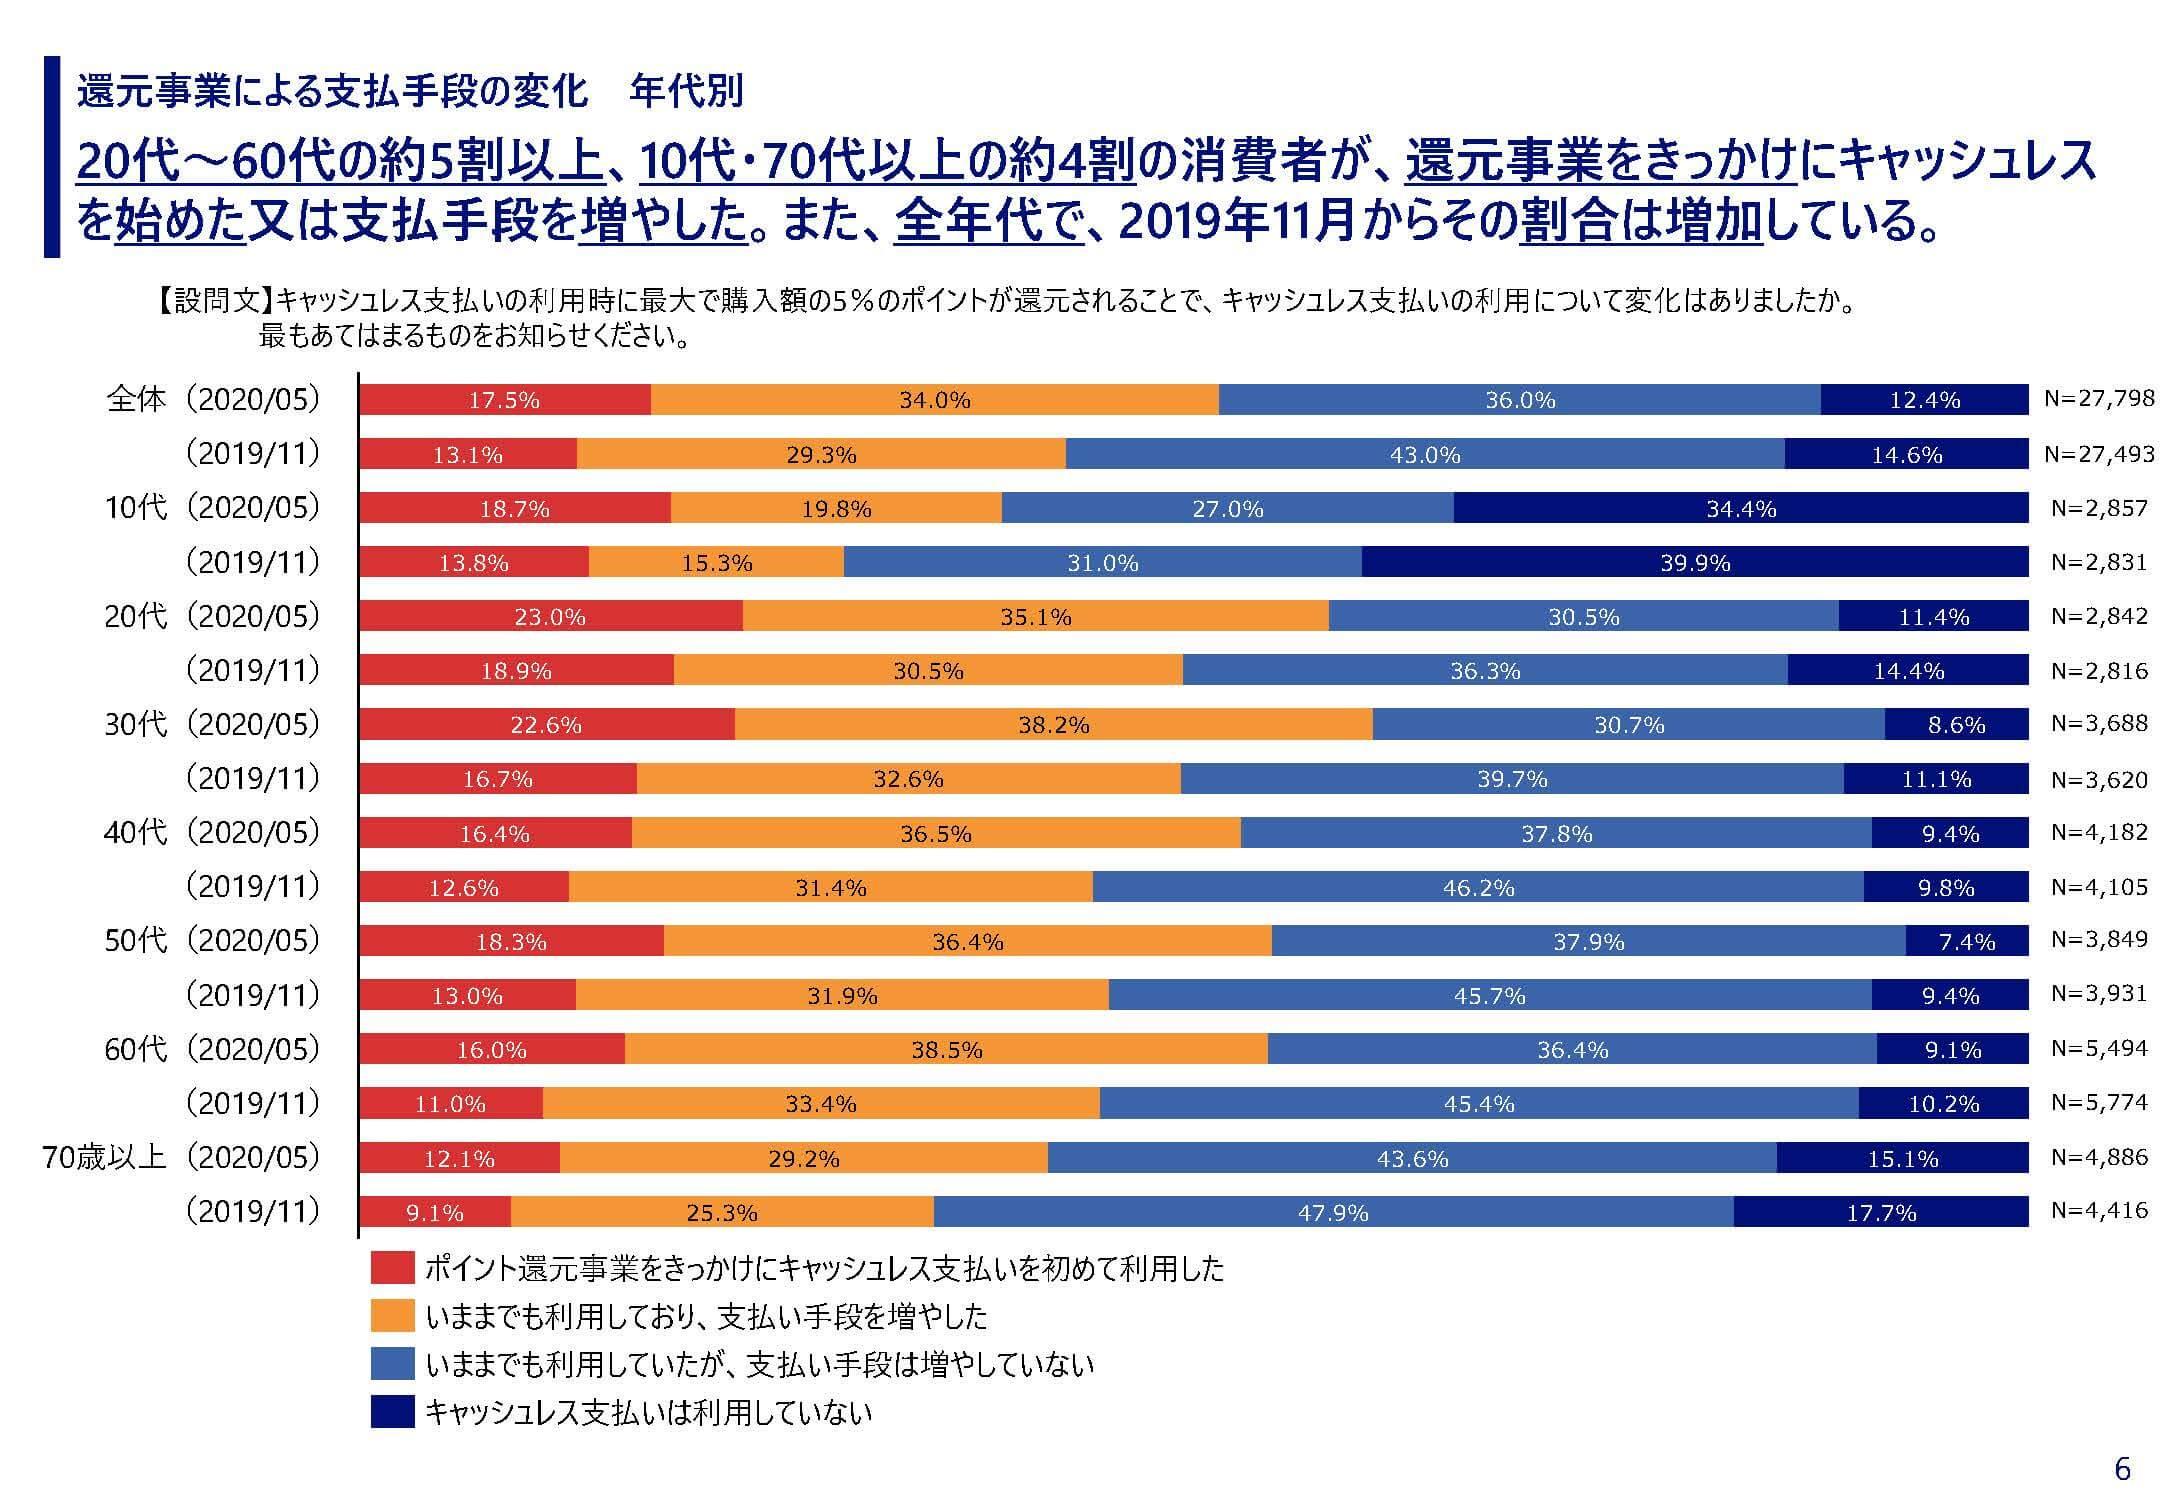 200630_questionnaire_report (1) 7 (1)